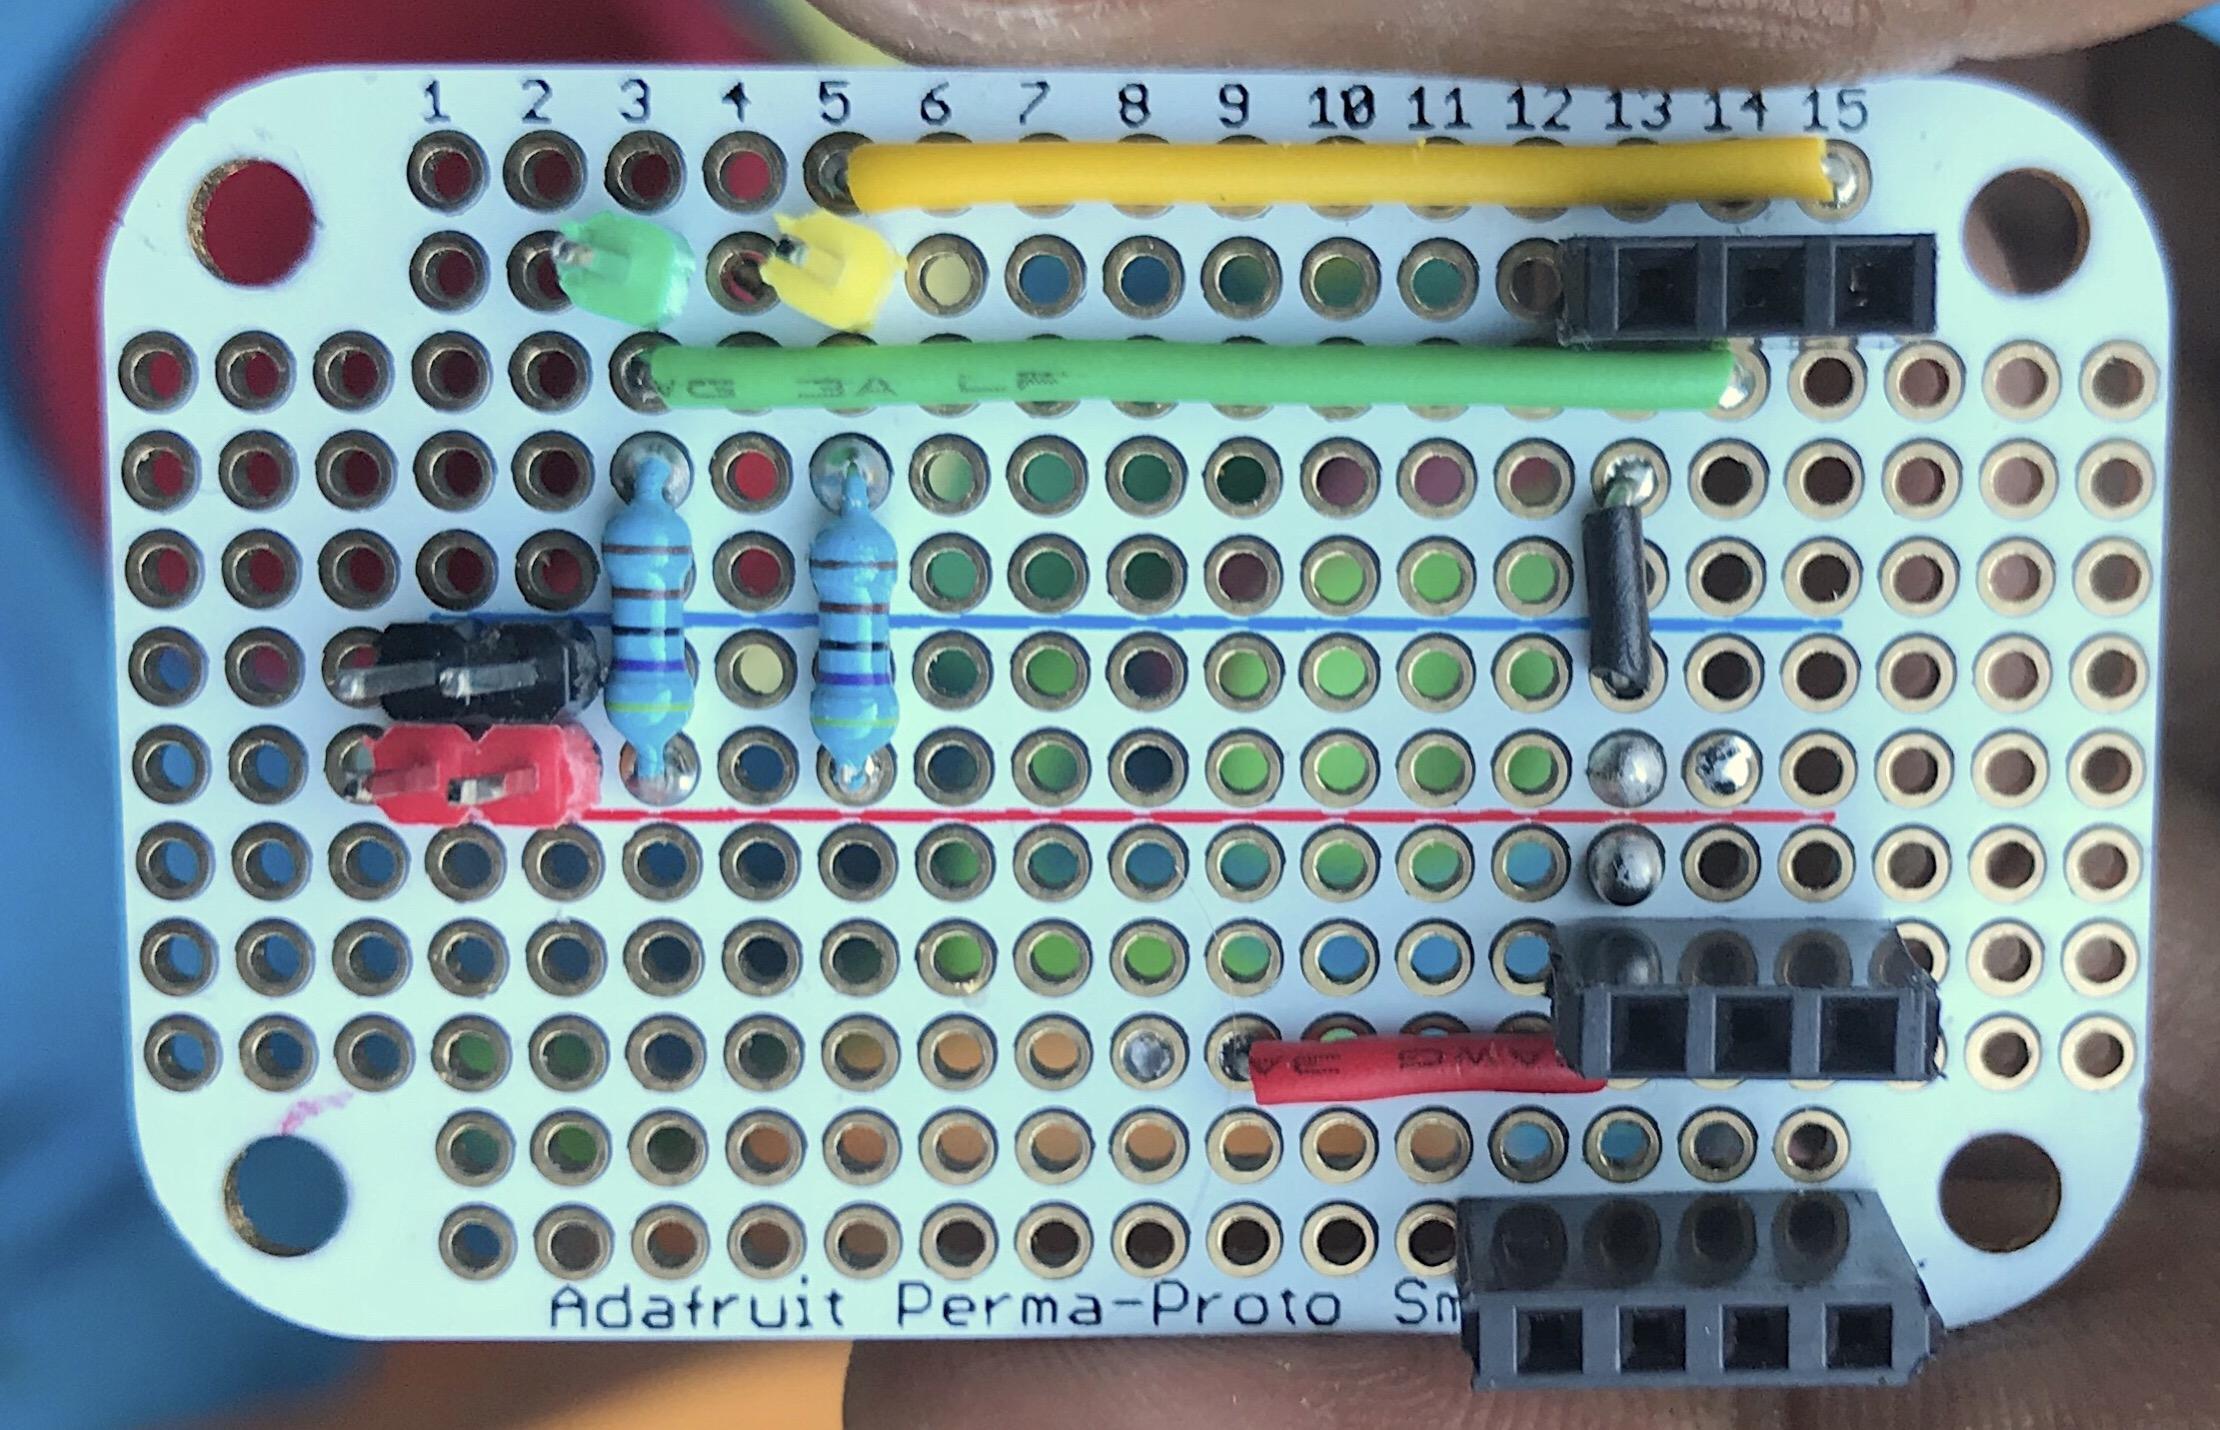 sensors_07B76424-367D-433B-BE82-2E5AAB5FBC75.jpeg